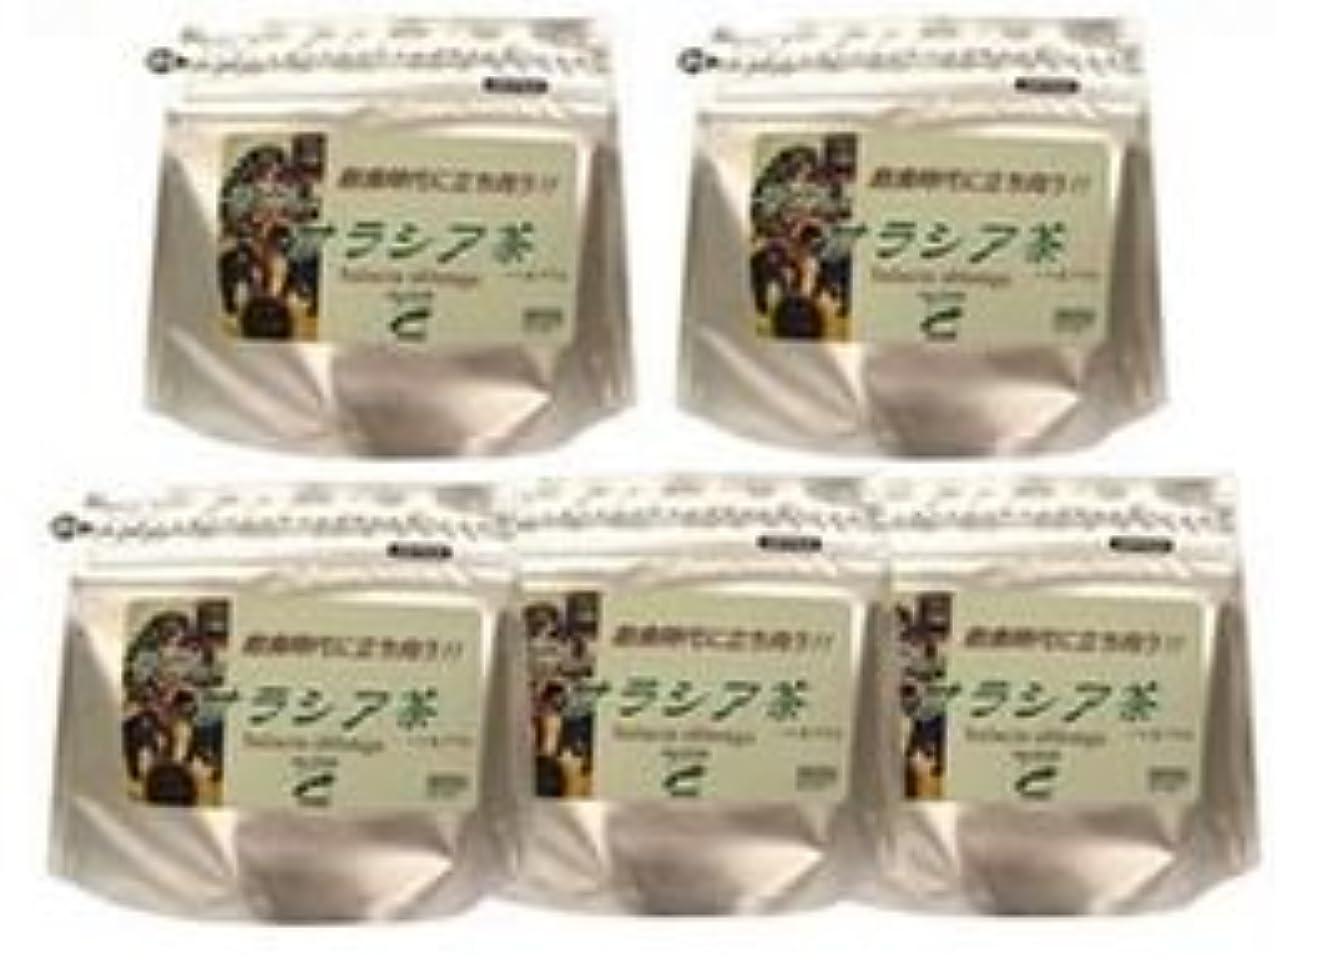 ネックレットアジテーションできるそせい サラシア茶 5袋